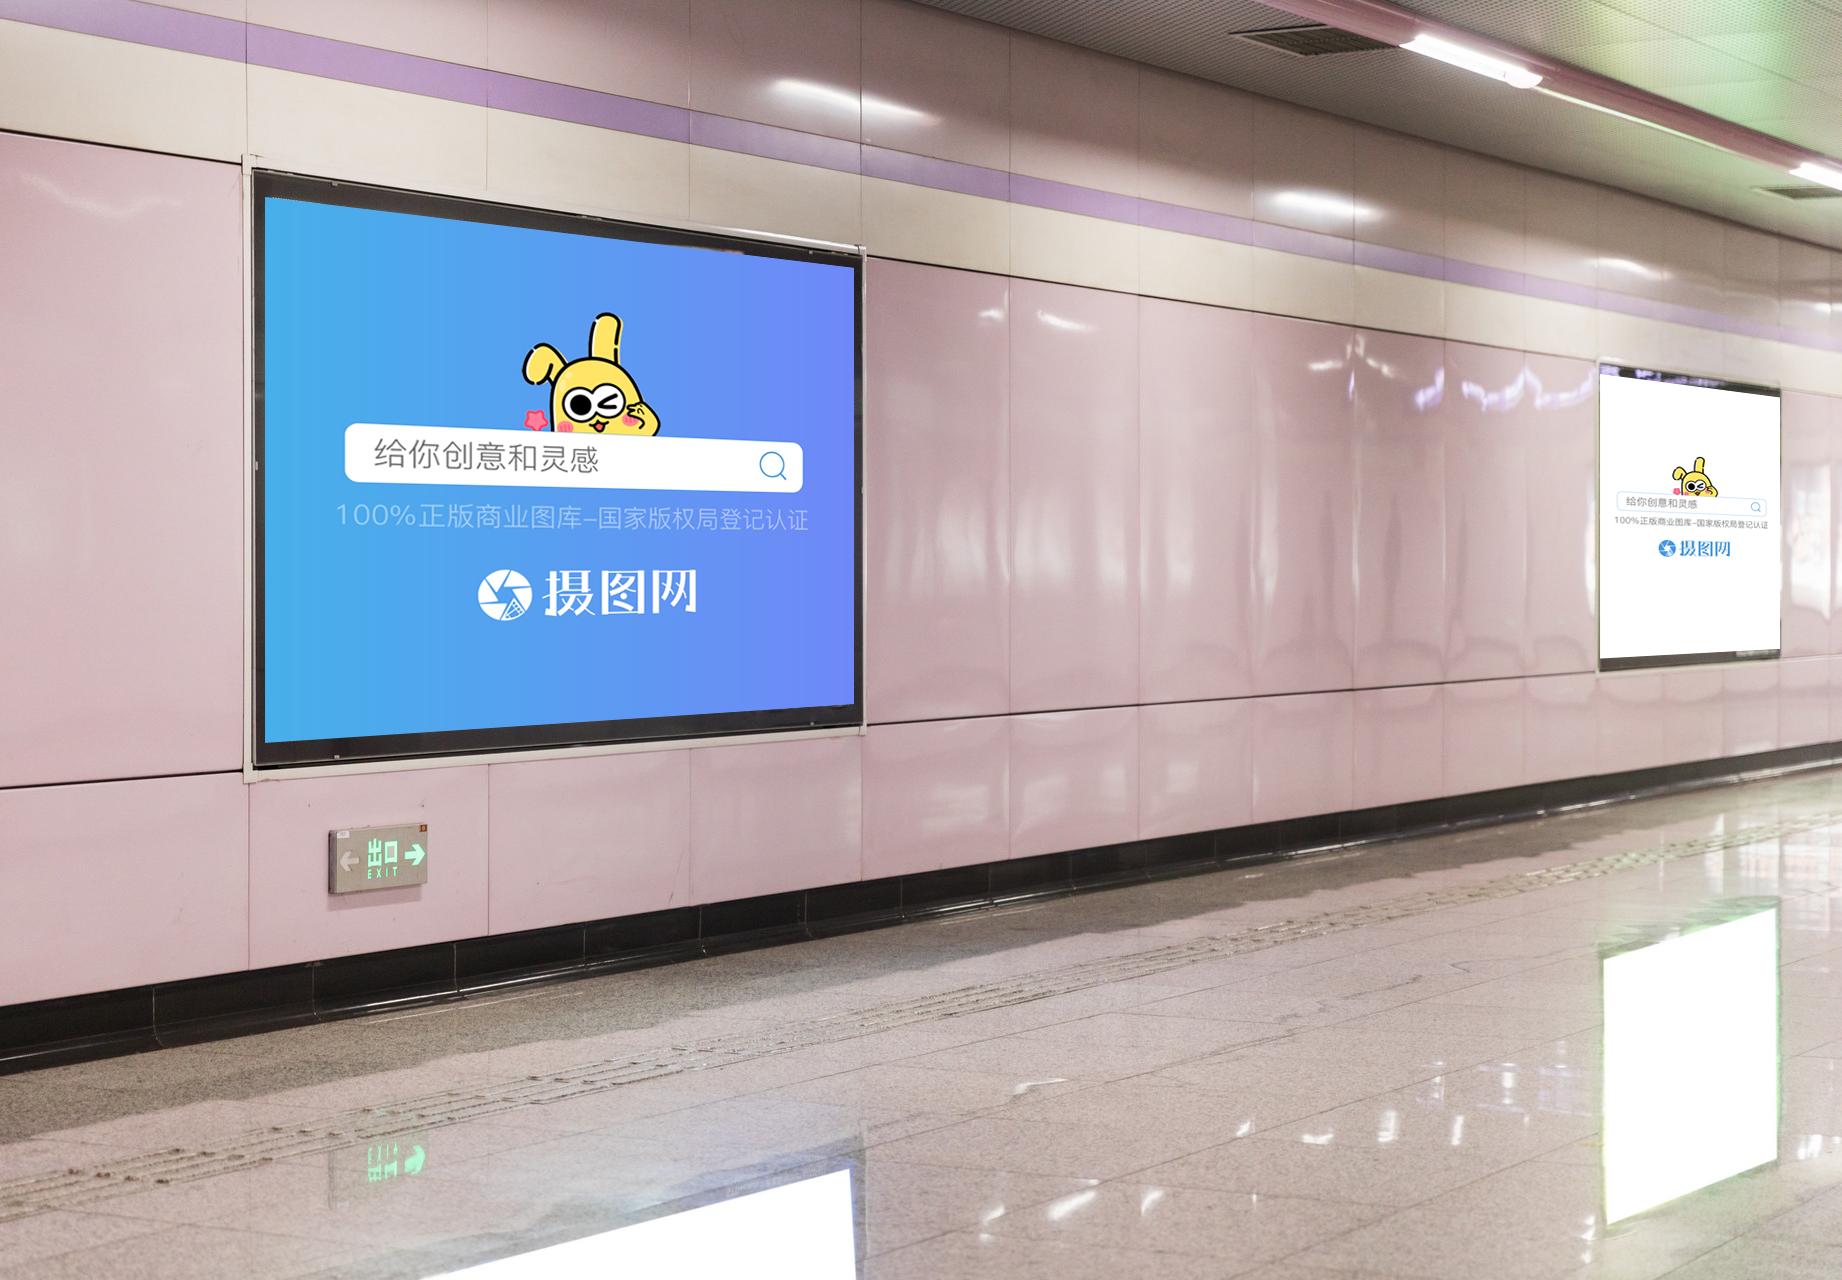 地铁通道广告位样机图片